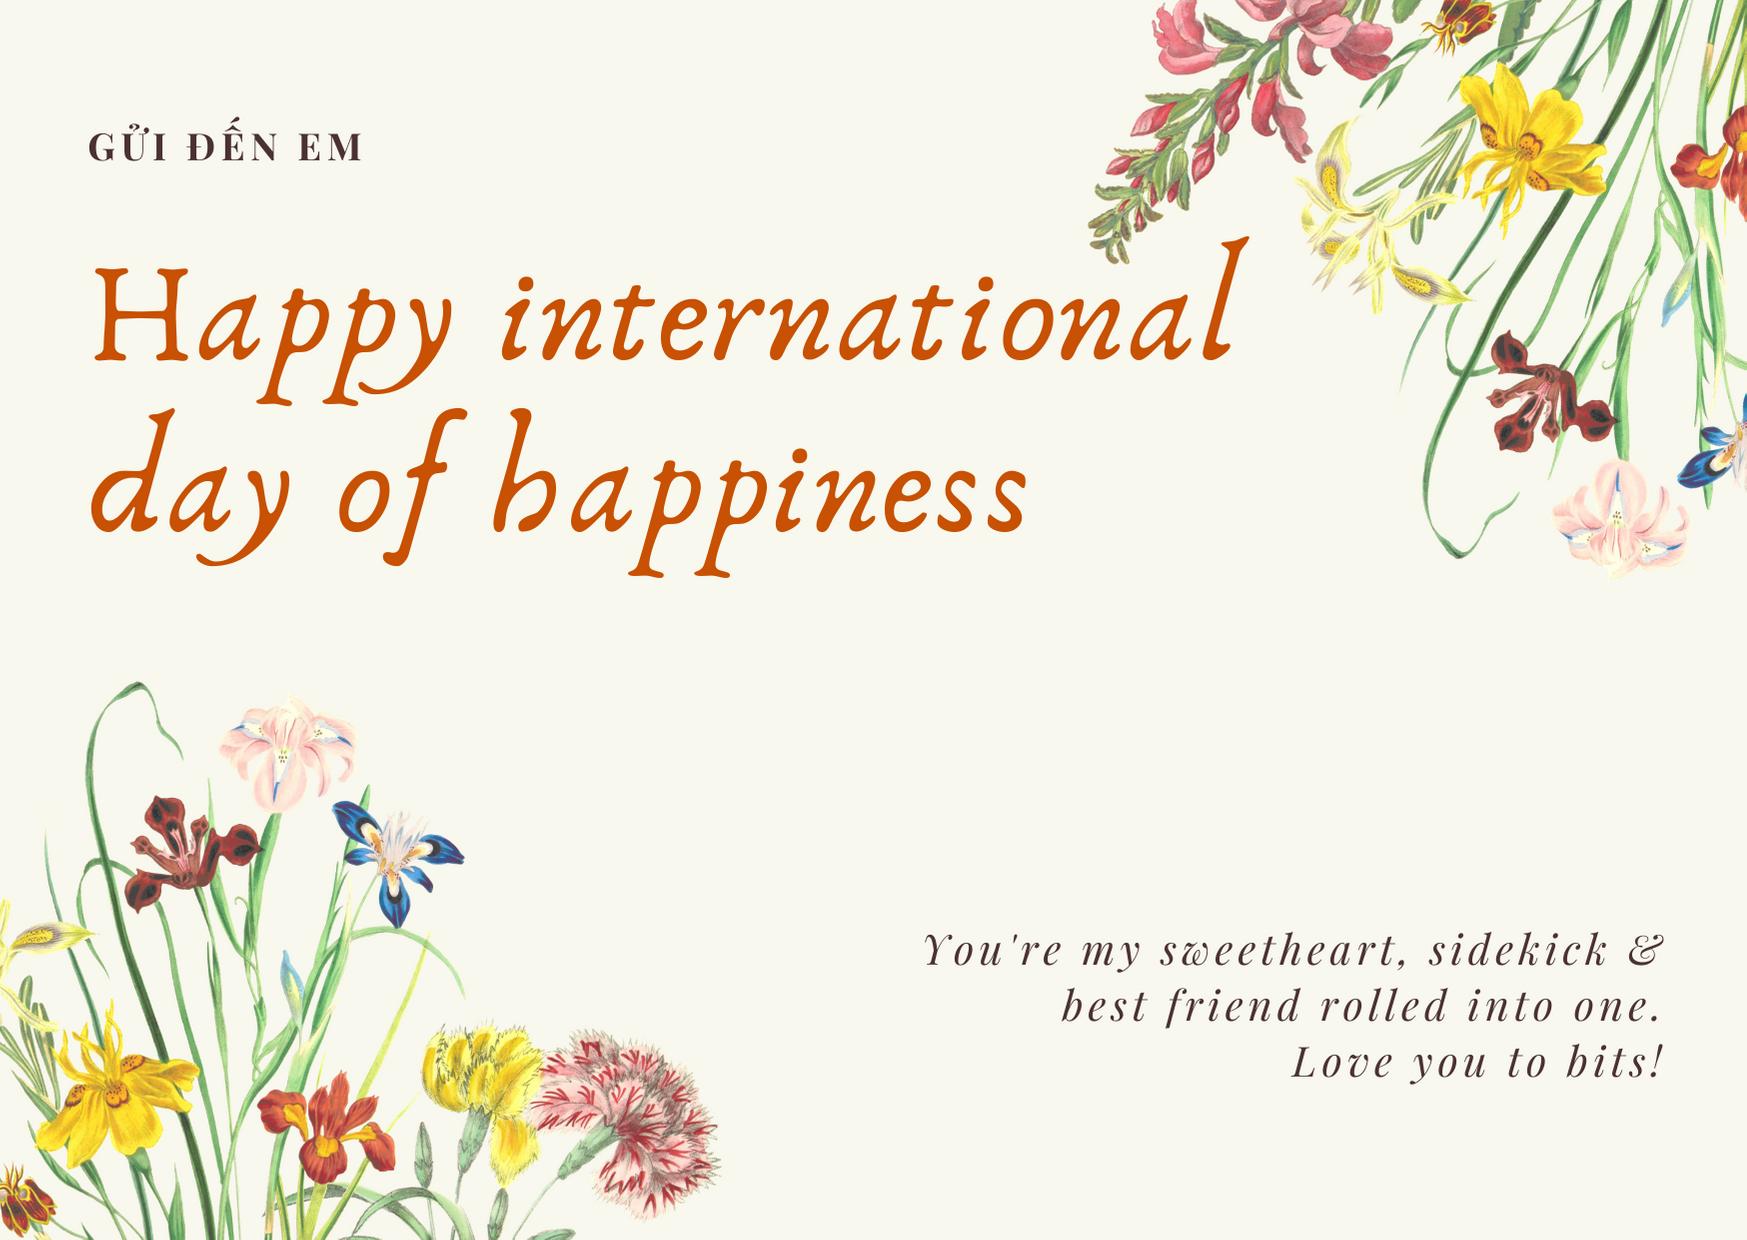 Gợi ý những lời chúc và thiệp chúc mừng nhân ngày Quốc tế Hạnh phúc - Ảnh 5.